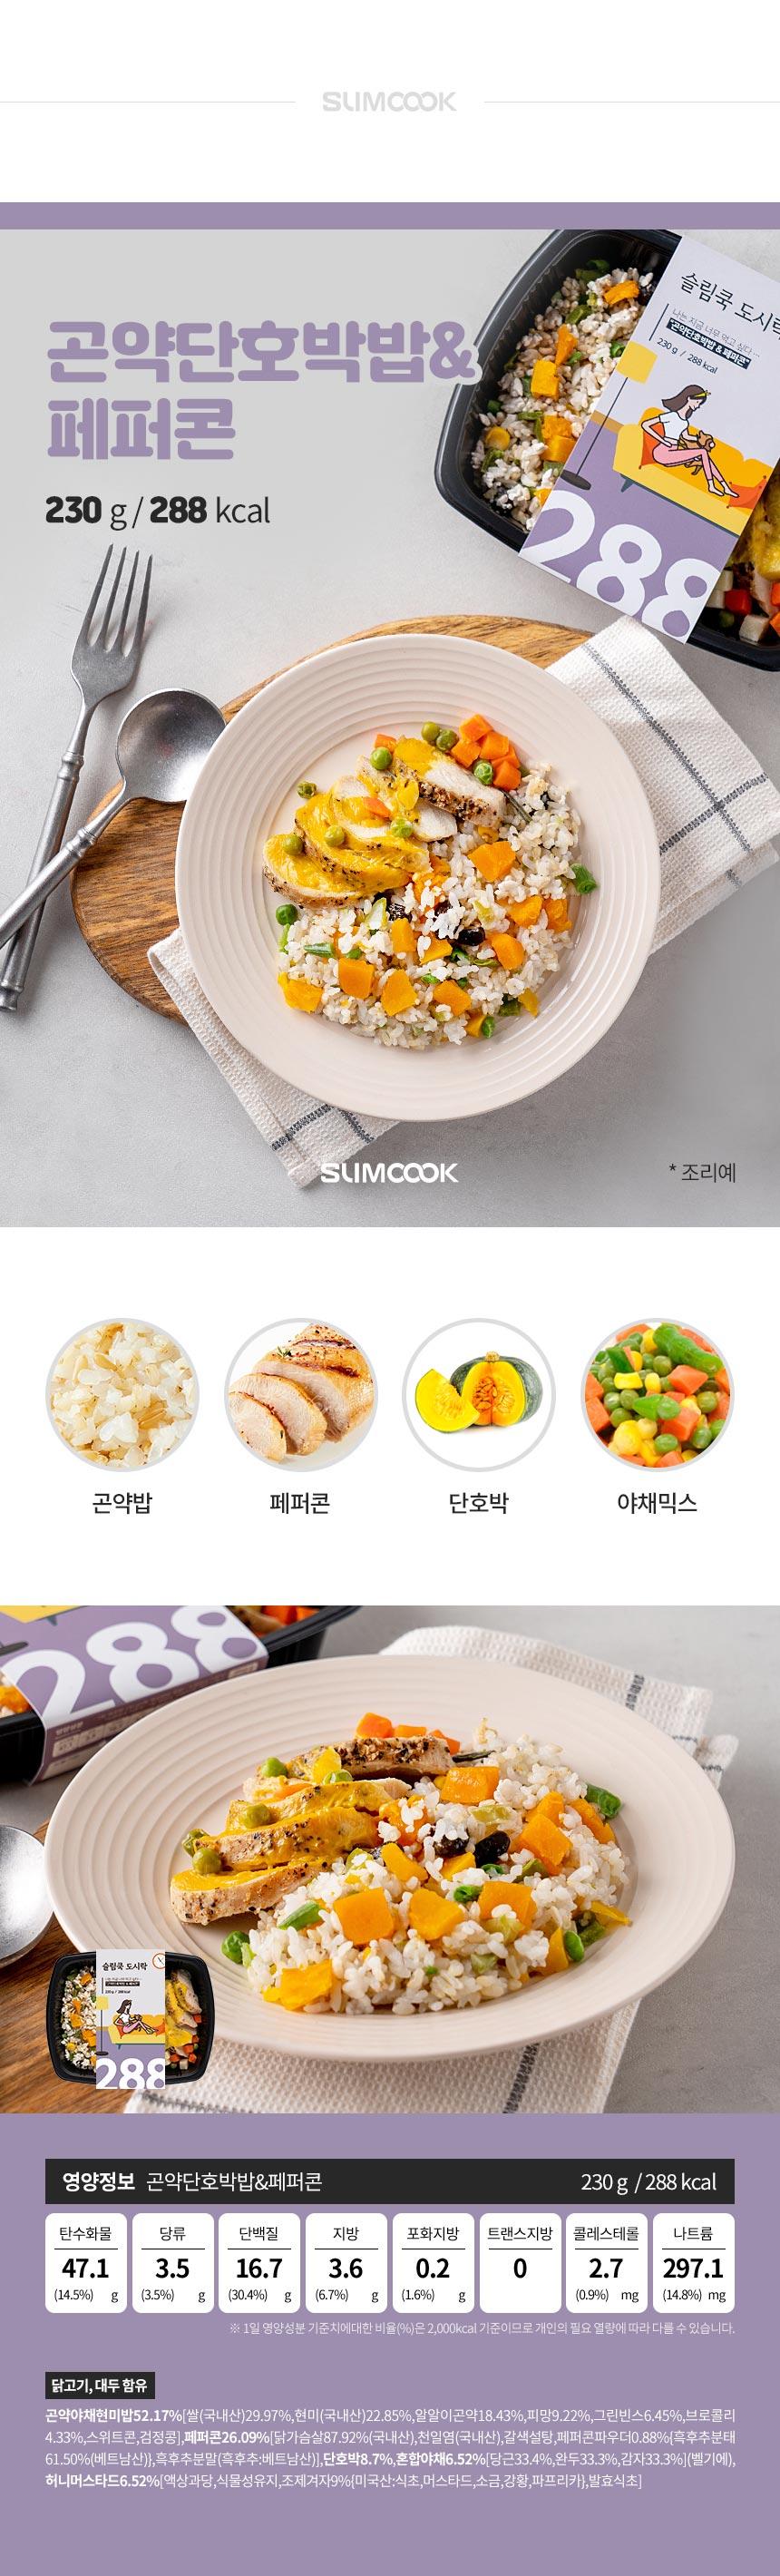 슬림쿡 냉동도시락 곤약단호박밥&페퍼콘